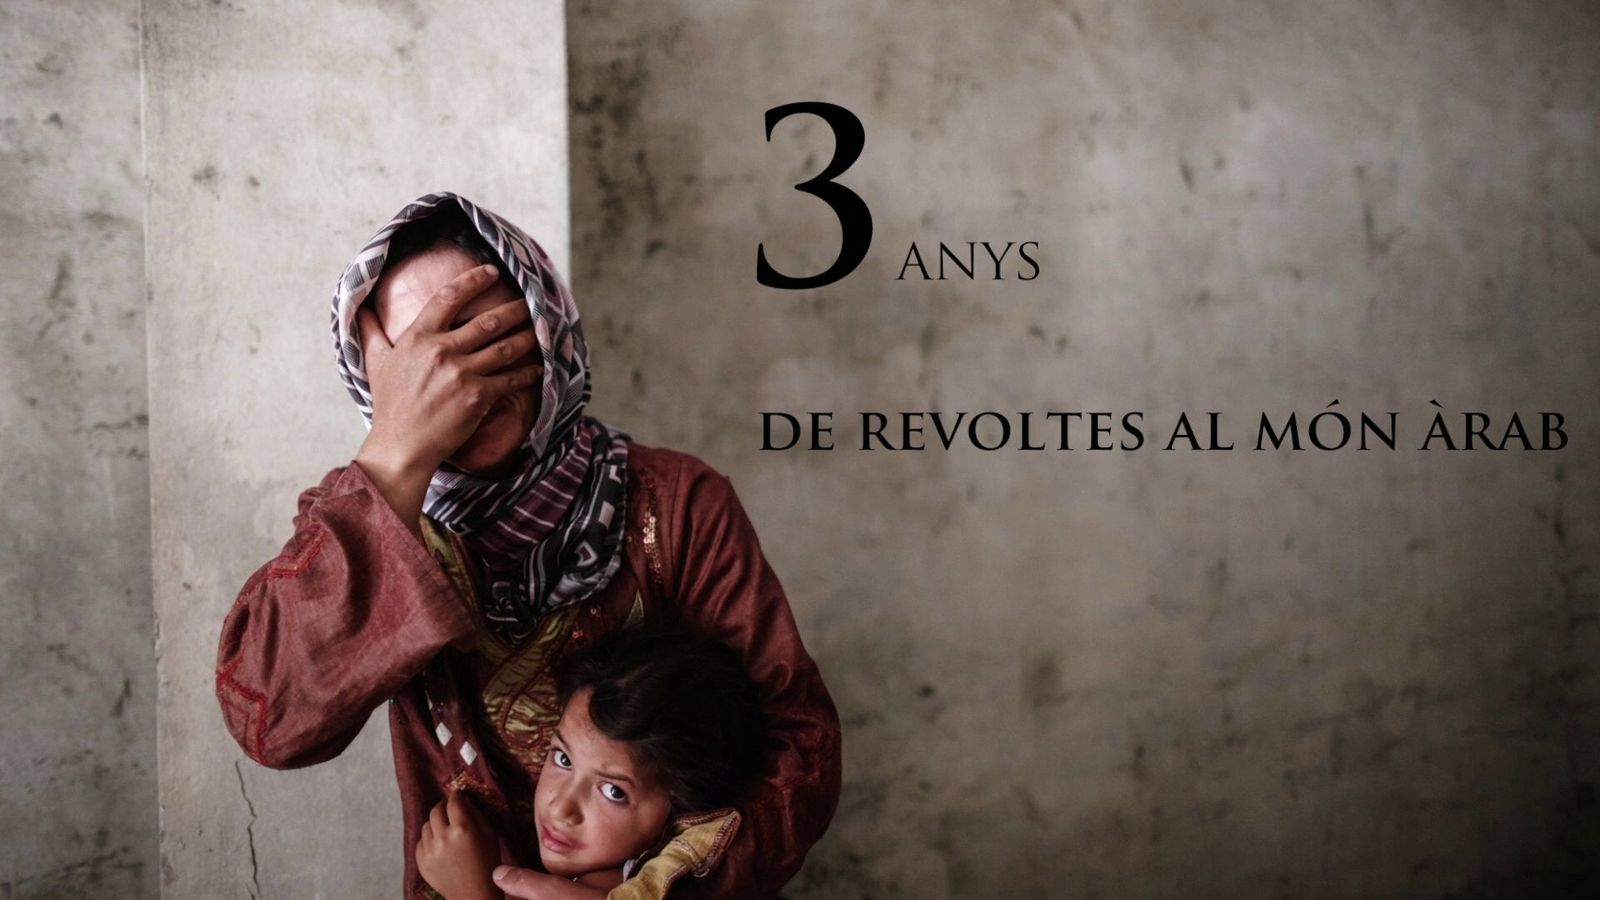 3 anys de revoltes al món àrab, en imatges.